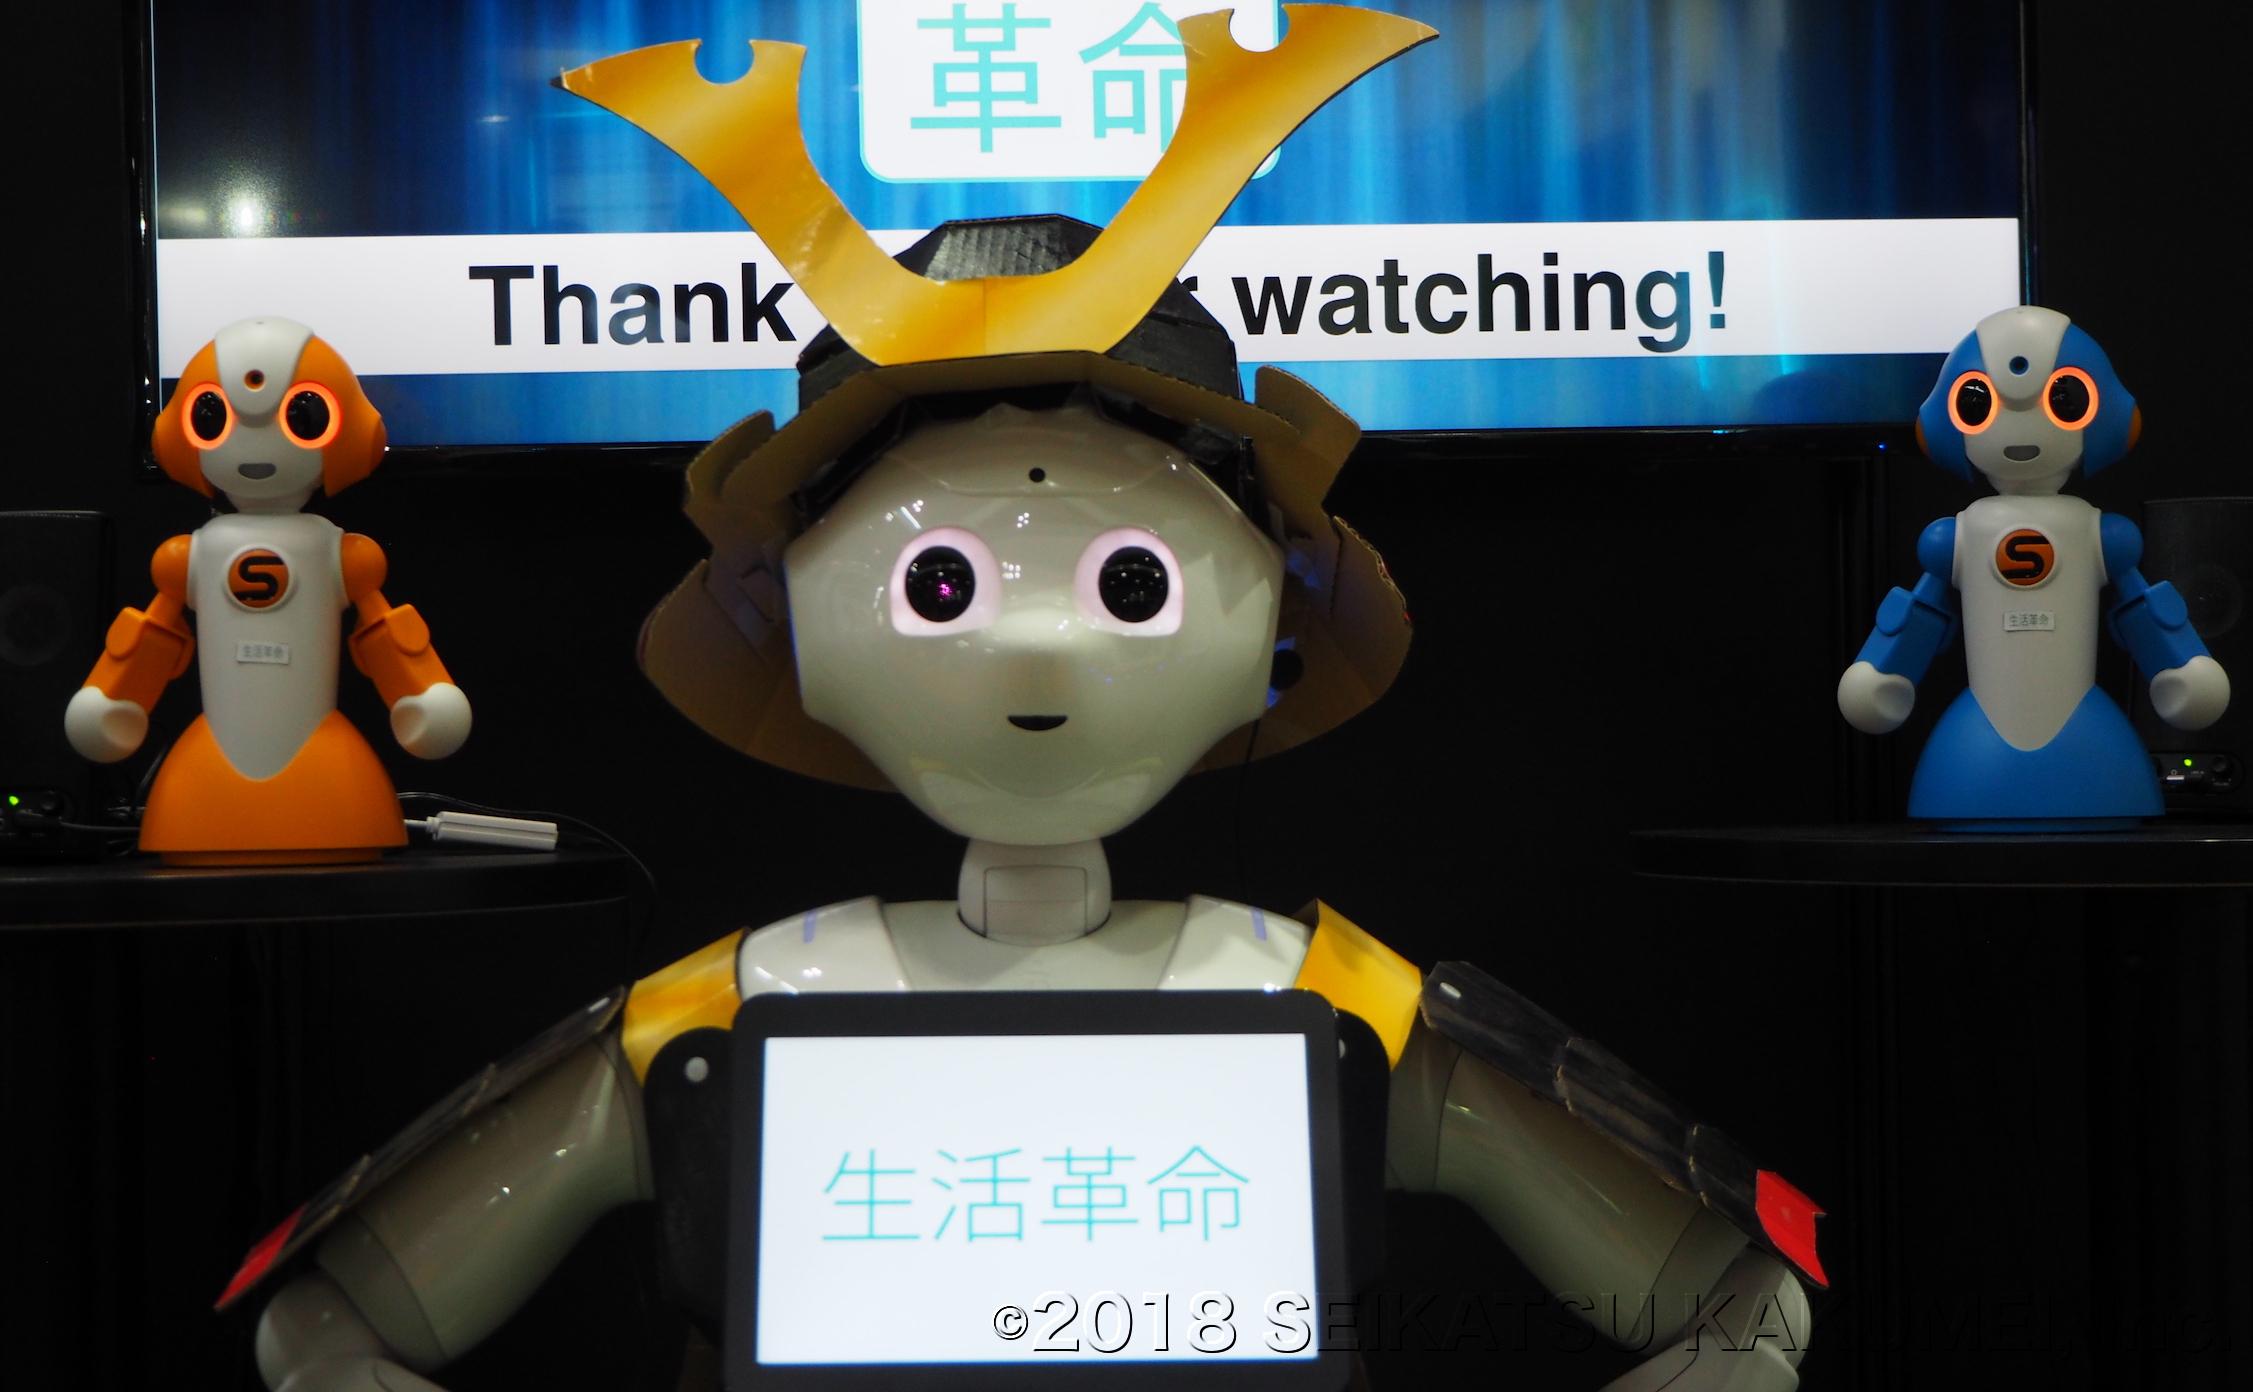 生活革命はロボット・Pepper(ペッパー)の活用方法について、仮に本体レンタルサービスだけだったとしても効果を向上させるための方法を日夜研究しています。